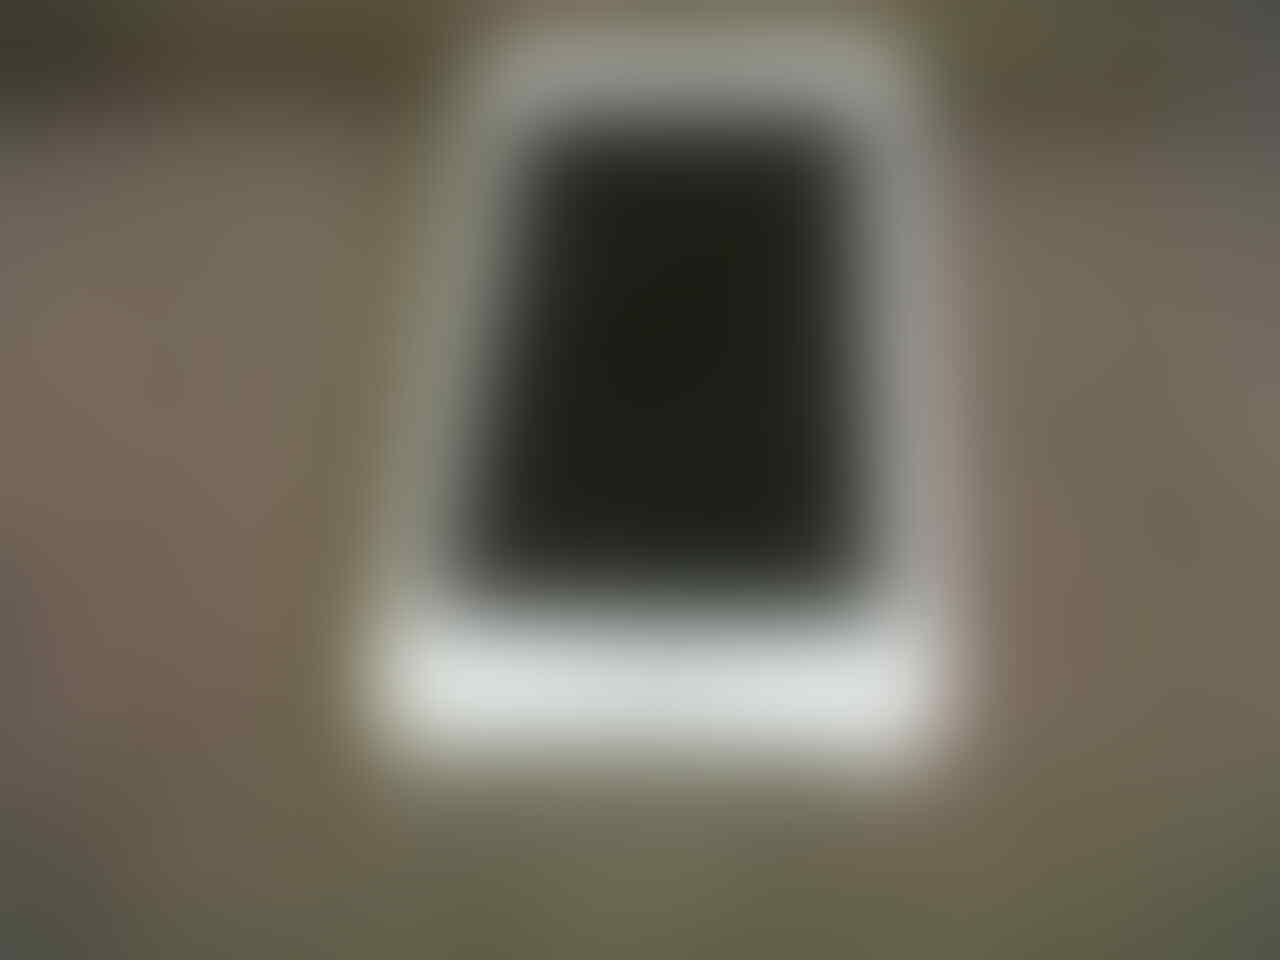 Axioo Picopad 5 GEA Warna Putih Mulus